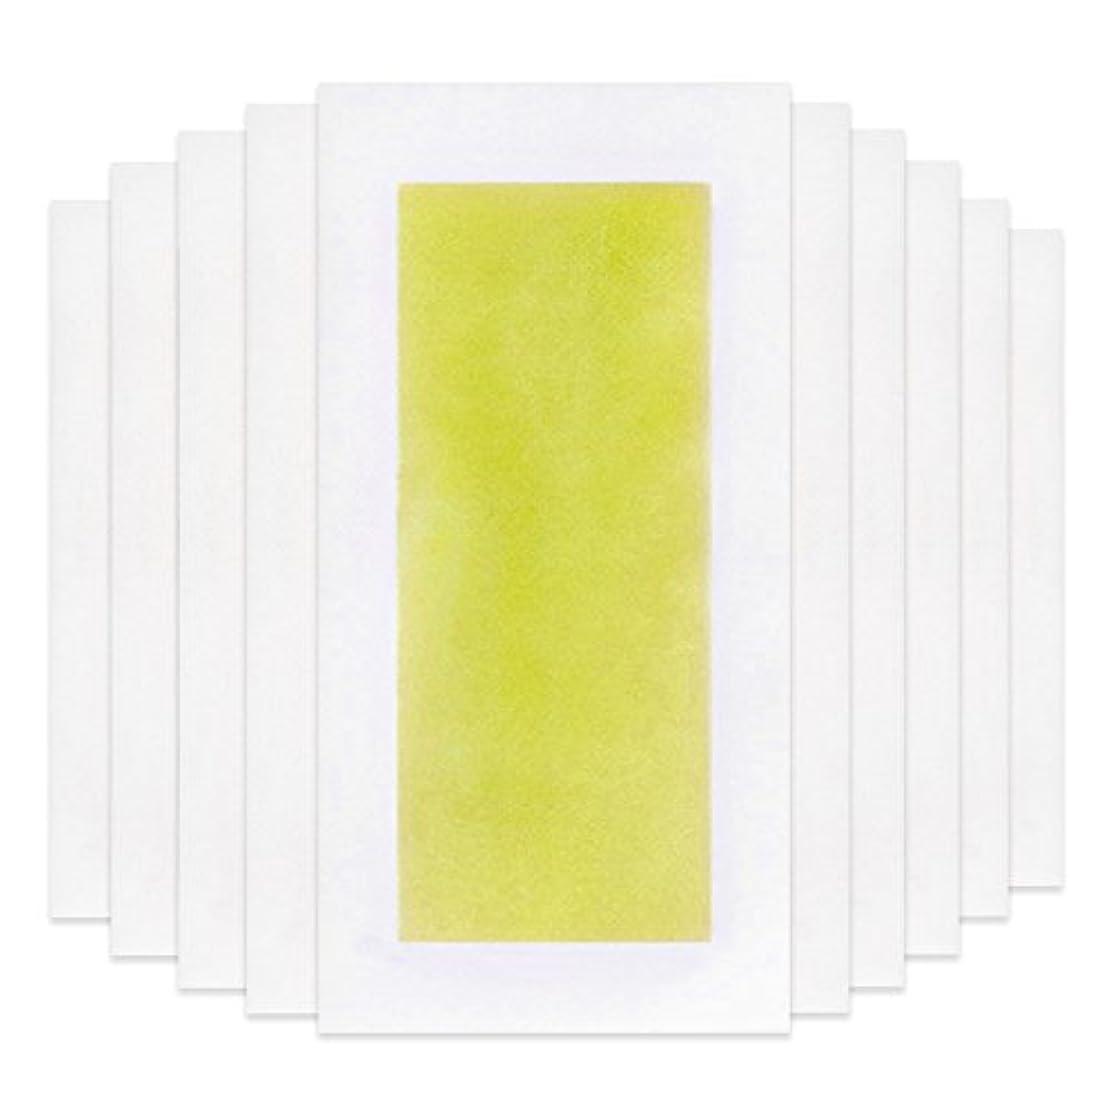 信頼性淡い活気づくRabugoo 脚の身体の顔のための10個のプロフェッショナルな夏の脱毛ダブルサイドコールドワックスストリップ紙 Yellow